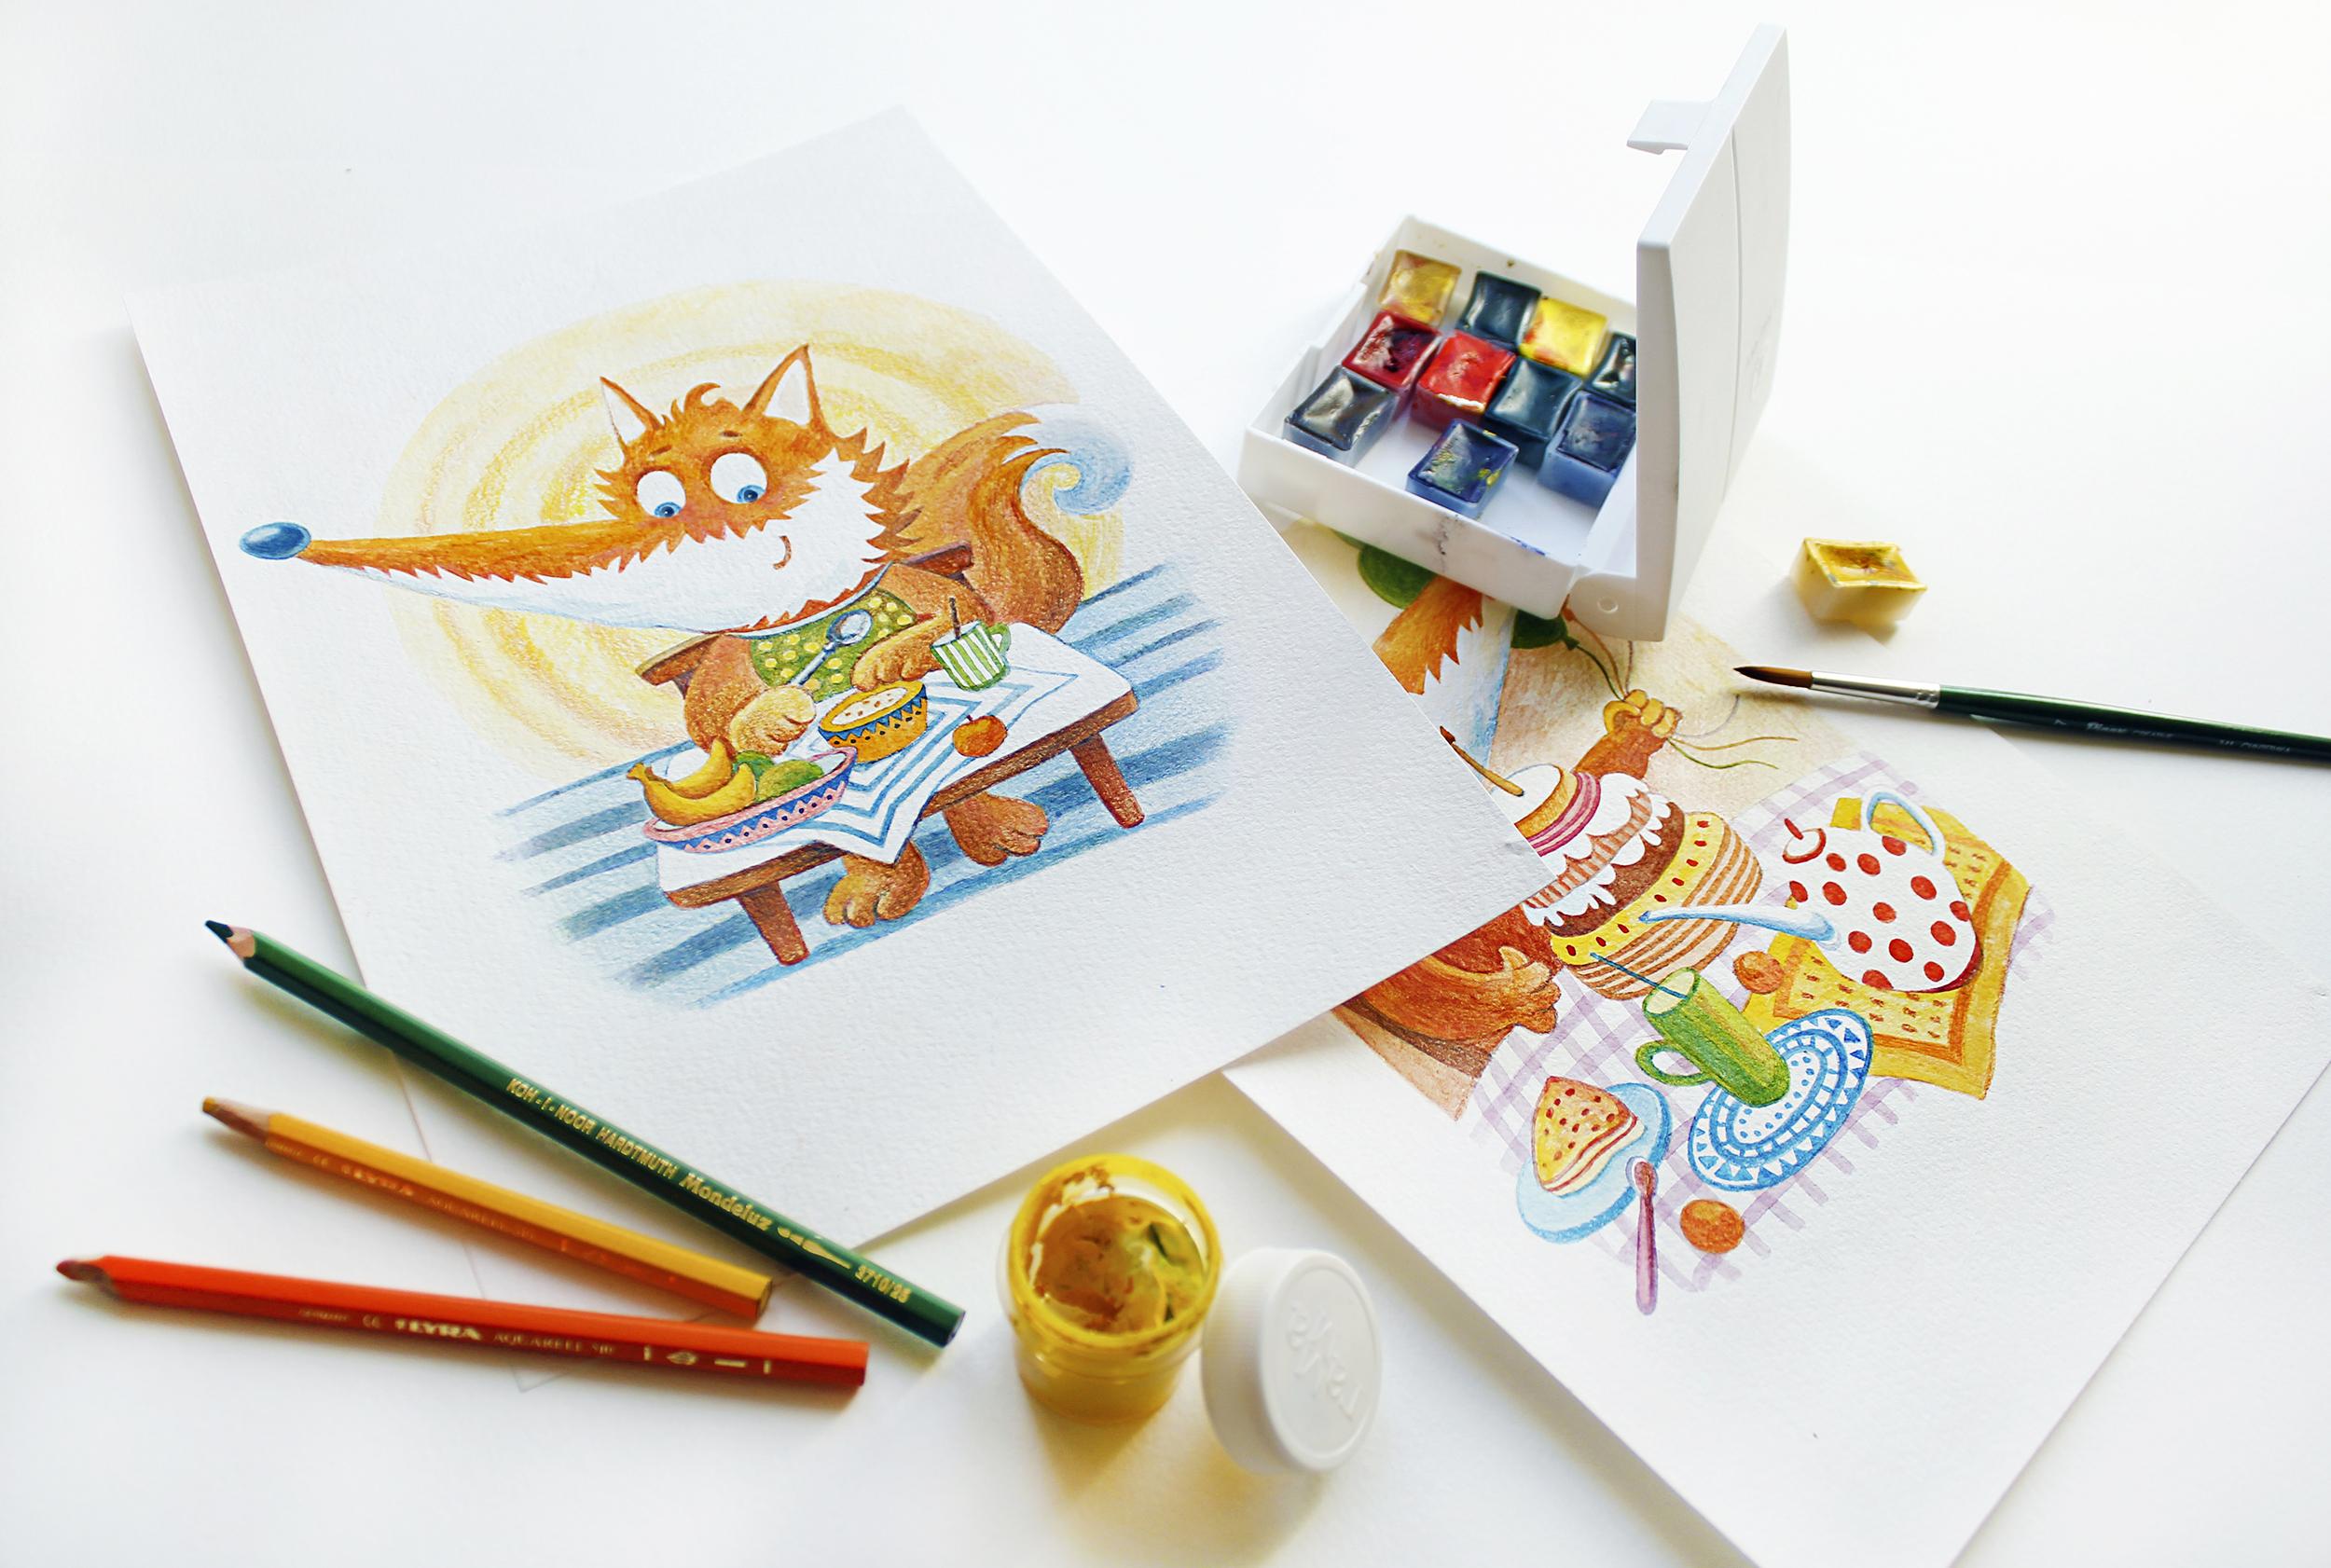 Разработка персонажа и иллюстраций для детского кафе